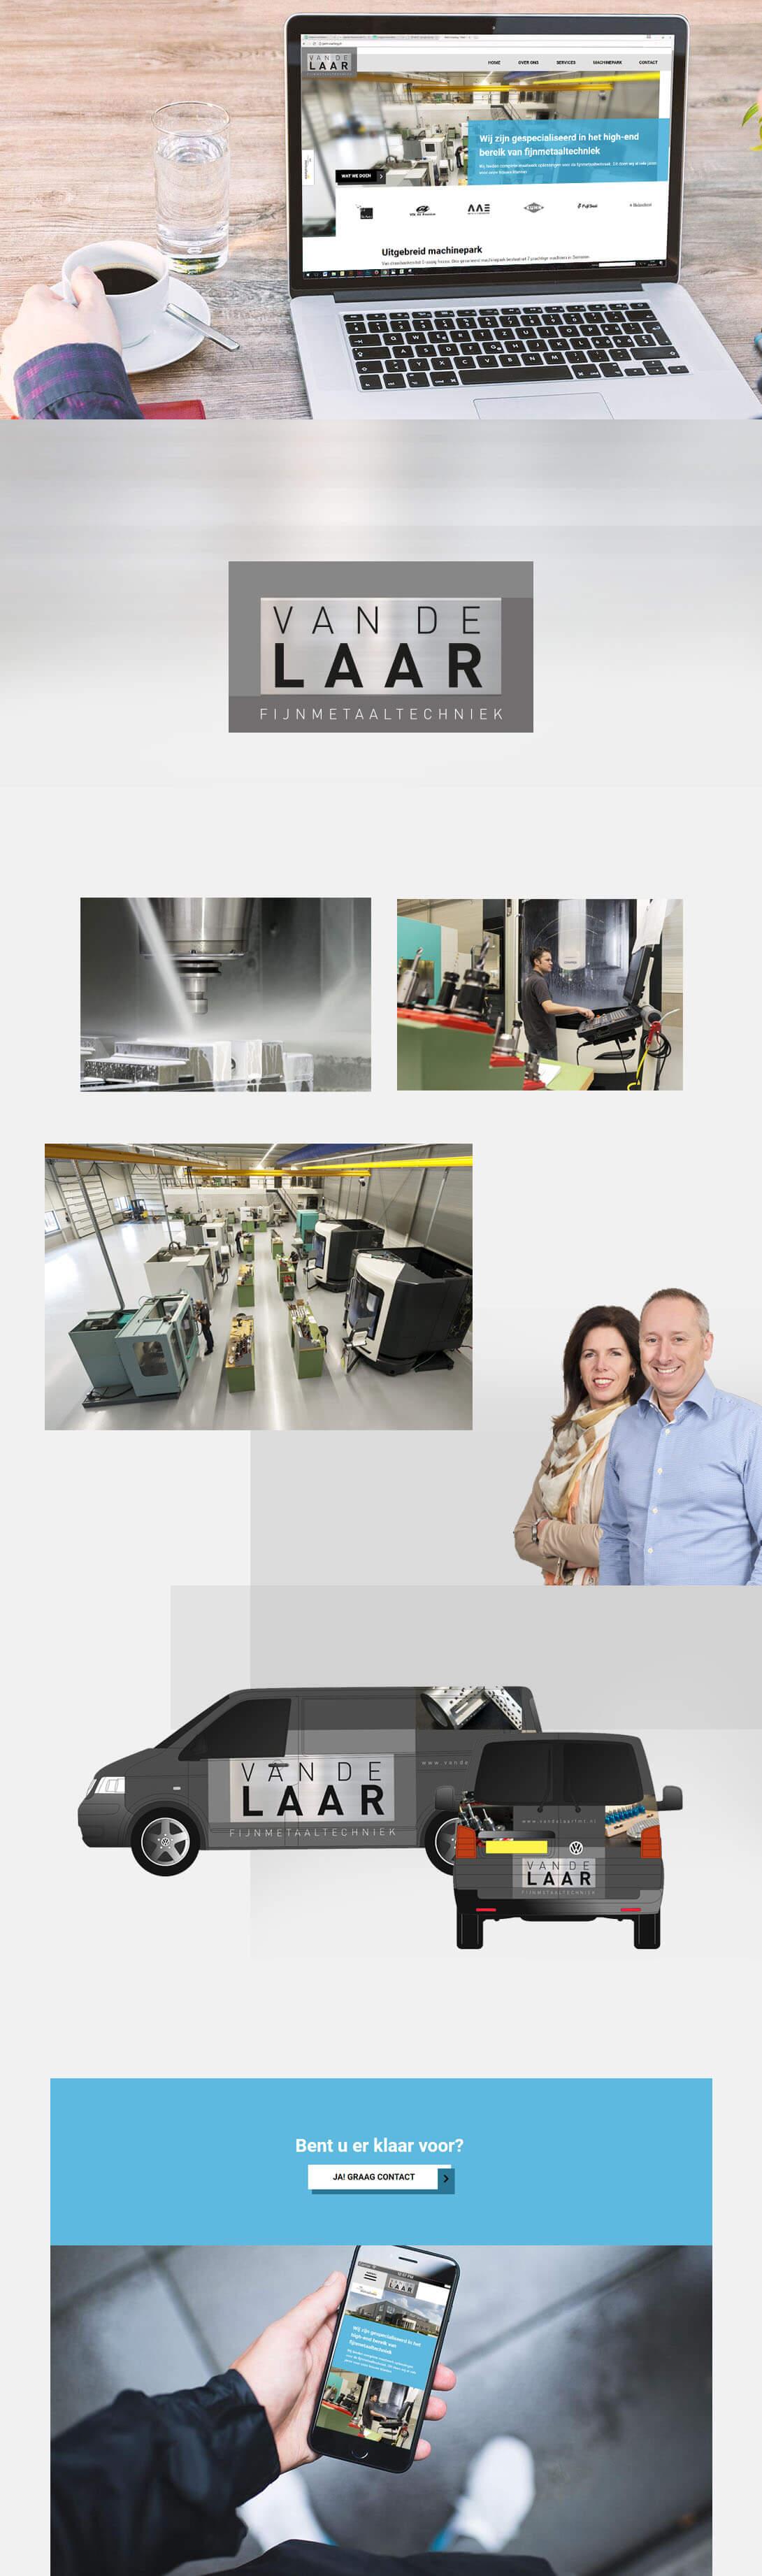 van-de-laar-fijnmetaaltechniek-afbeelding-logo-website-maken-steenstramedia